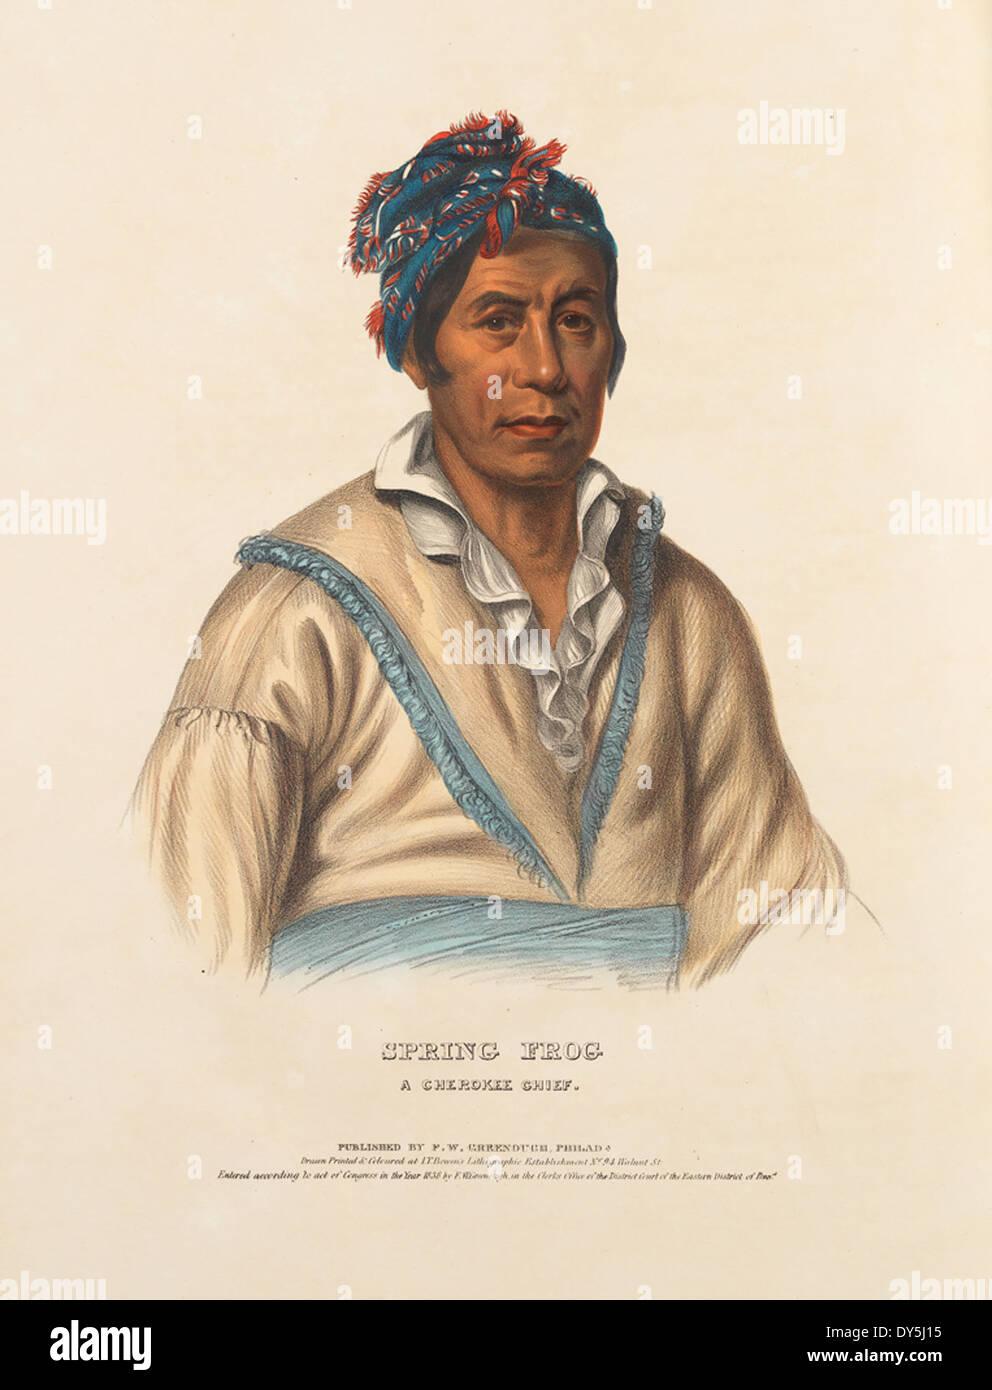 Feder Frosch, ein Cherokee Chief. Stockbild